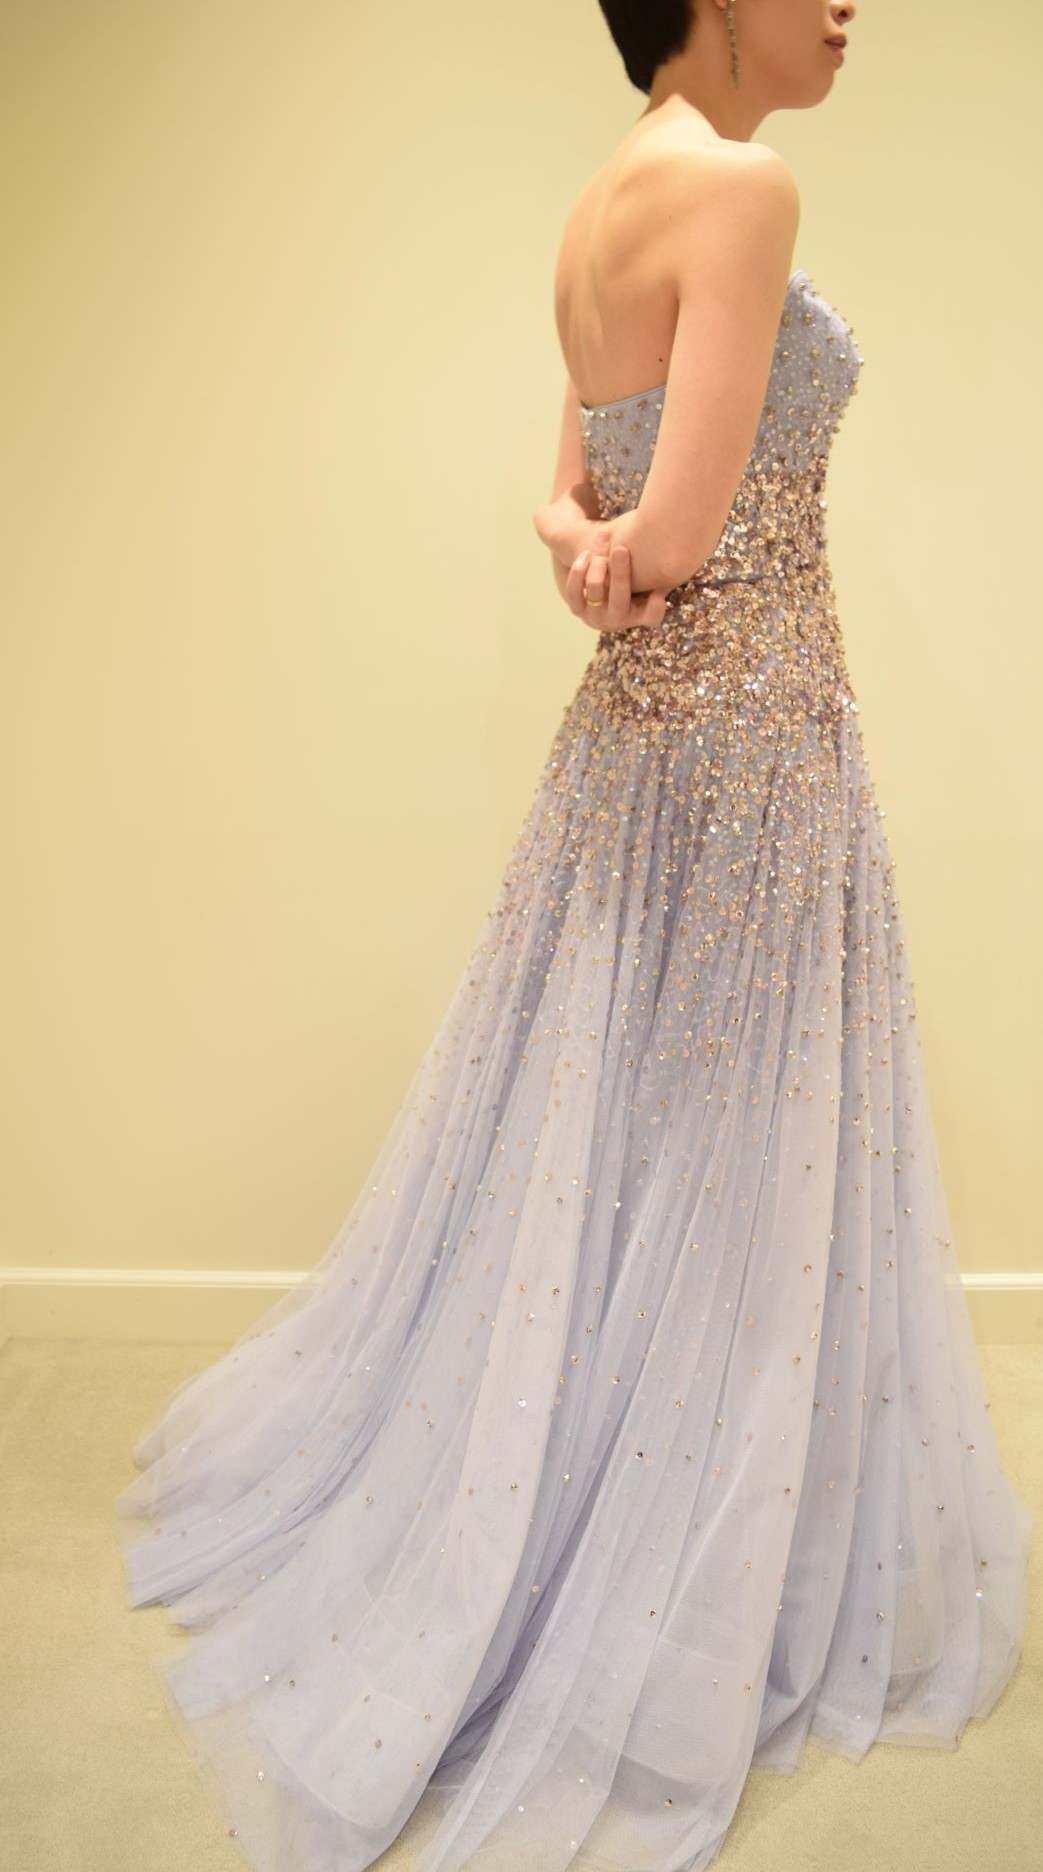 トリートドレッシングが前撮りにも提案するイギリスのブランドジェニーパッカムは、柔らかいファブリックにビーディングが施された洗練されたドレスです